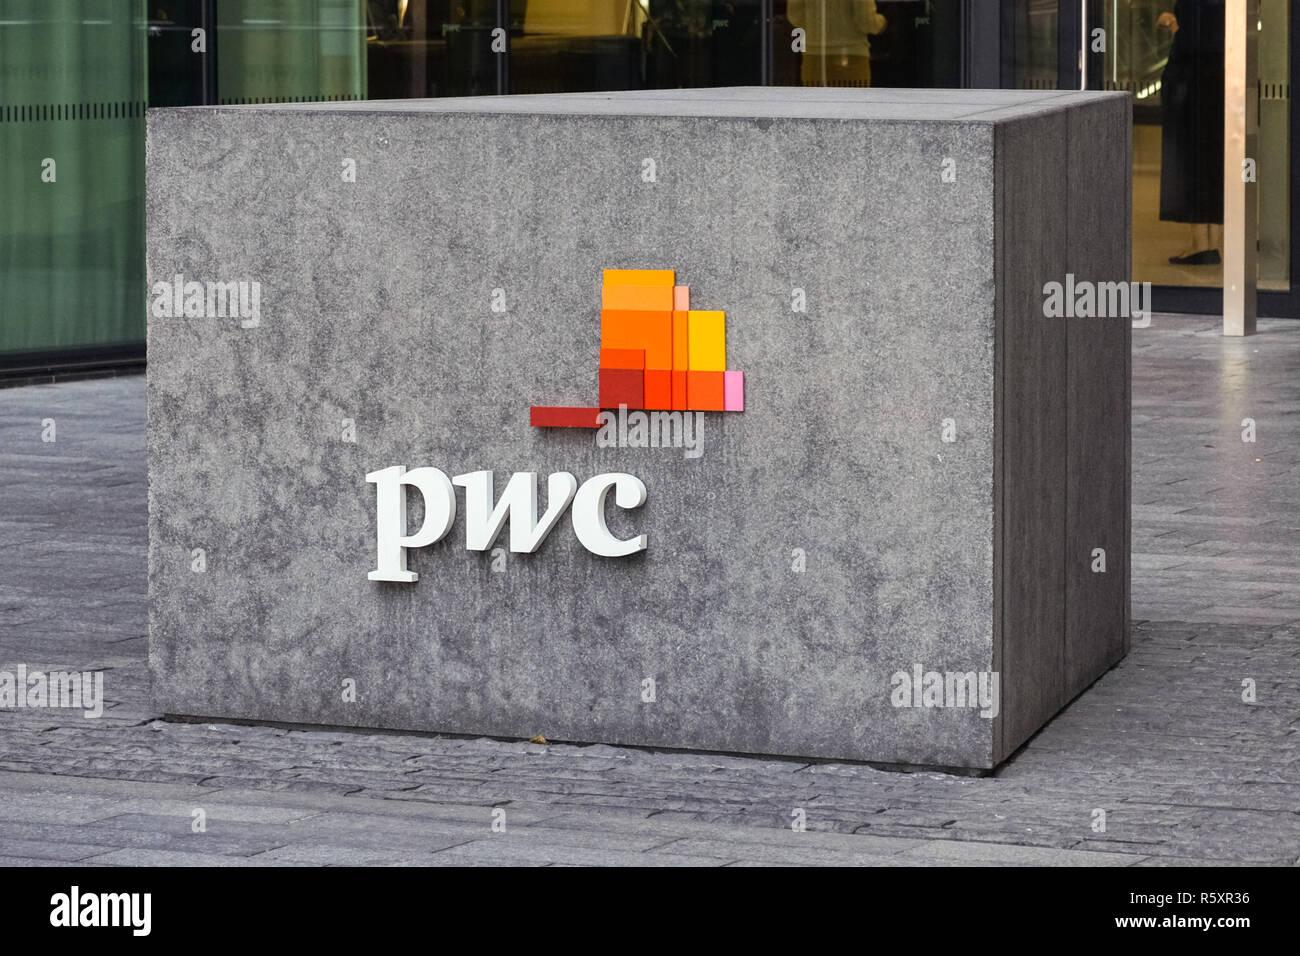 PwC headquarters in London, England United Kingdom UK - Stock Image